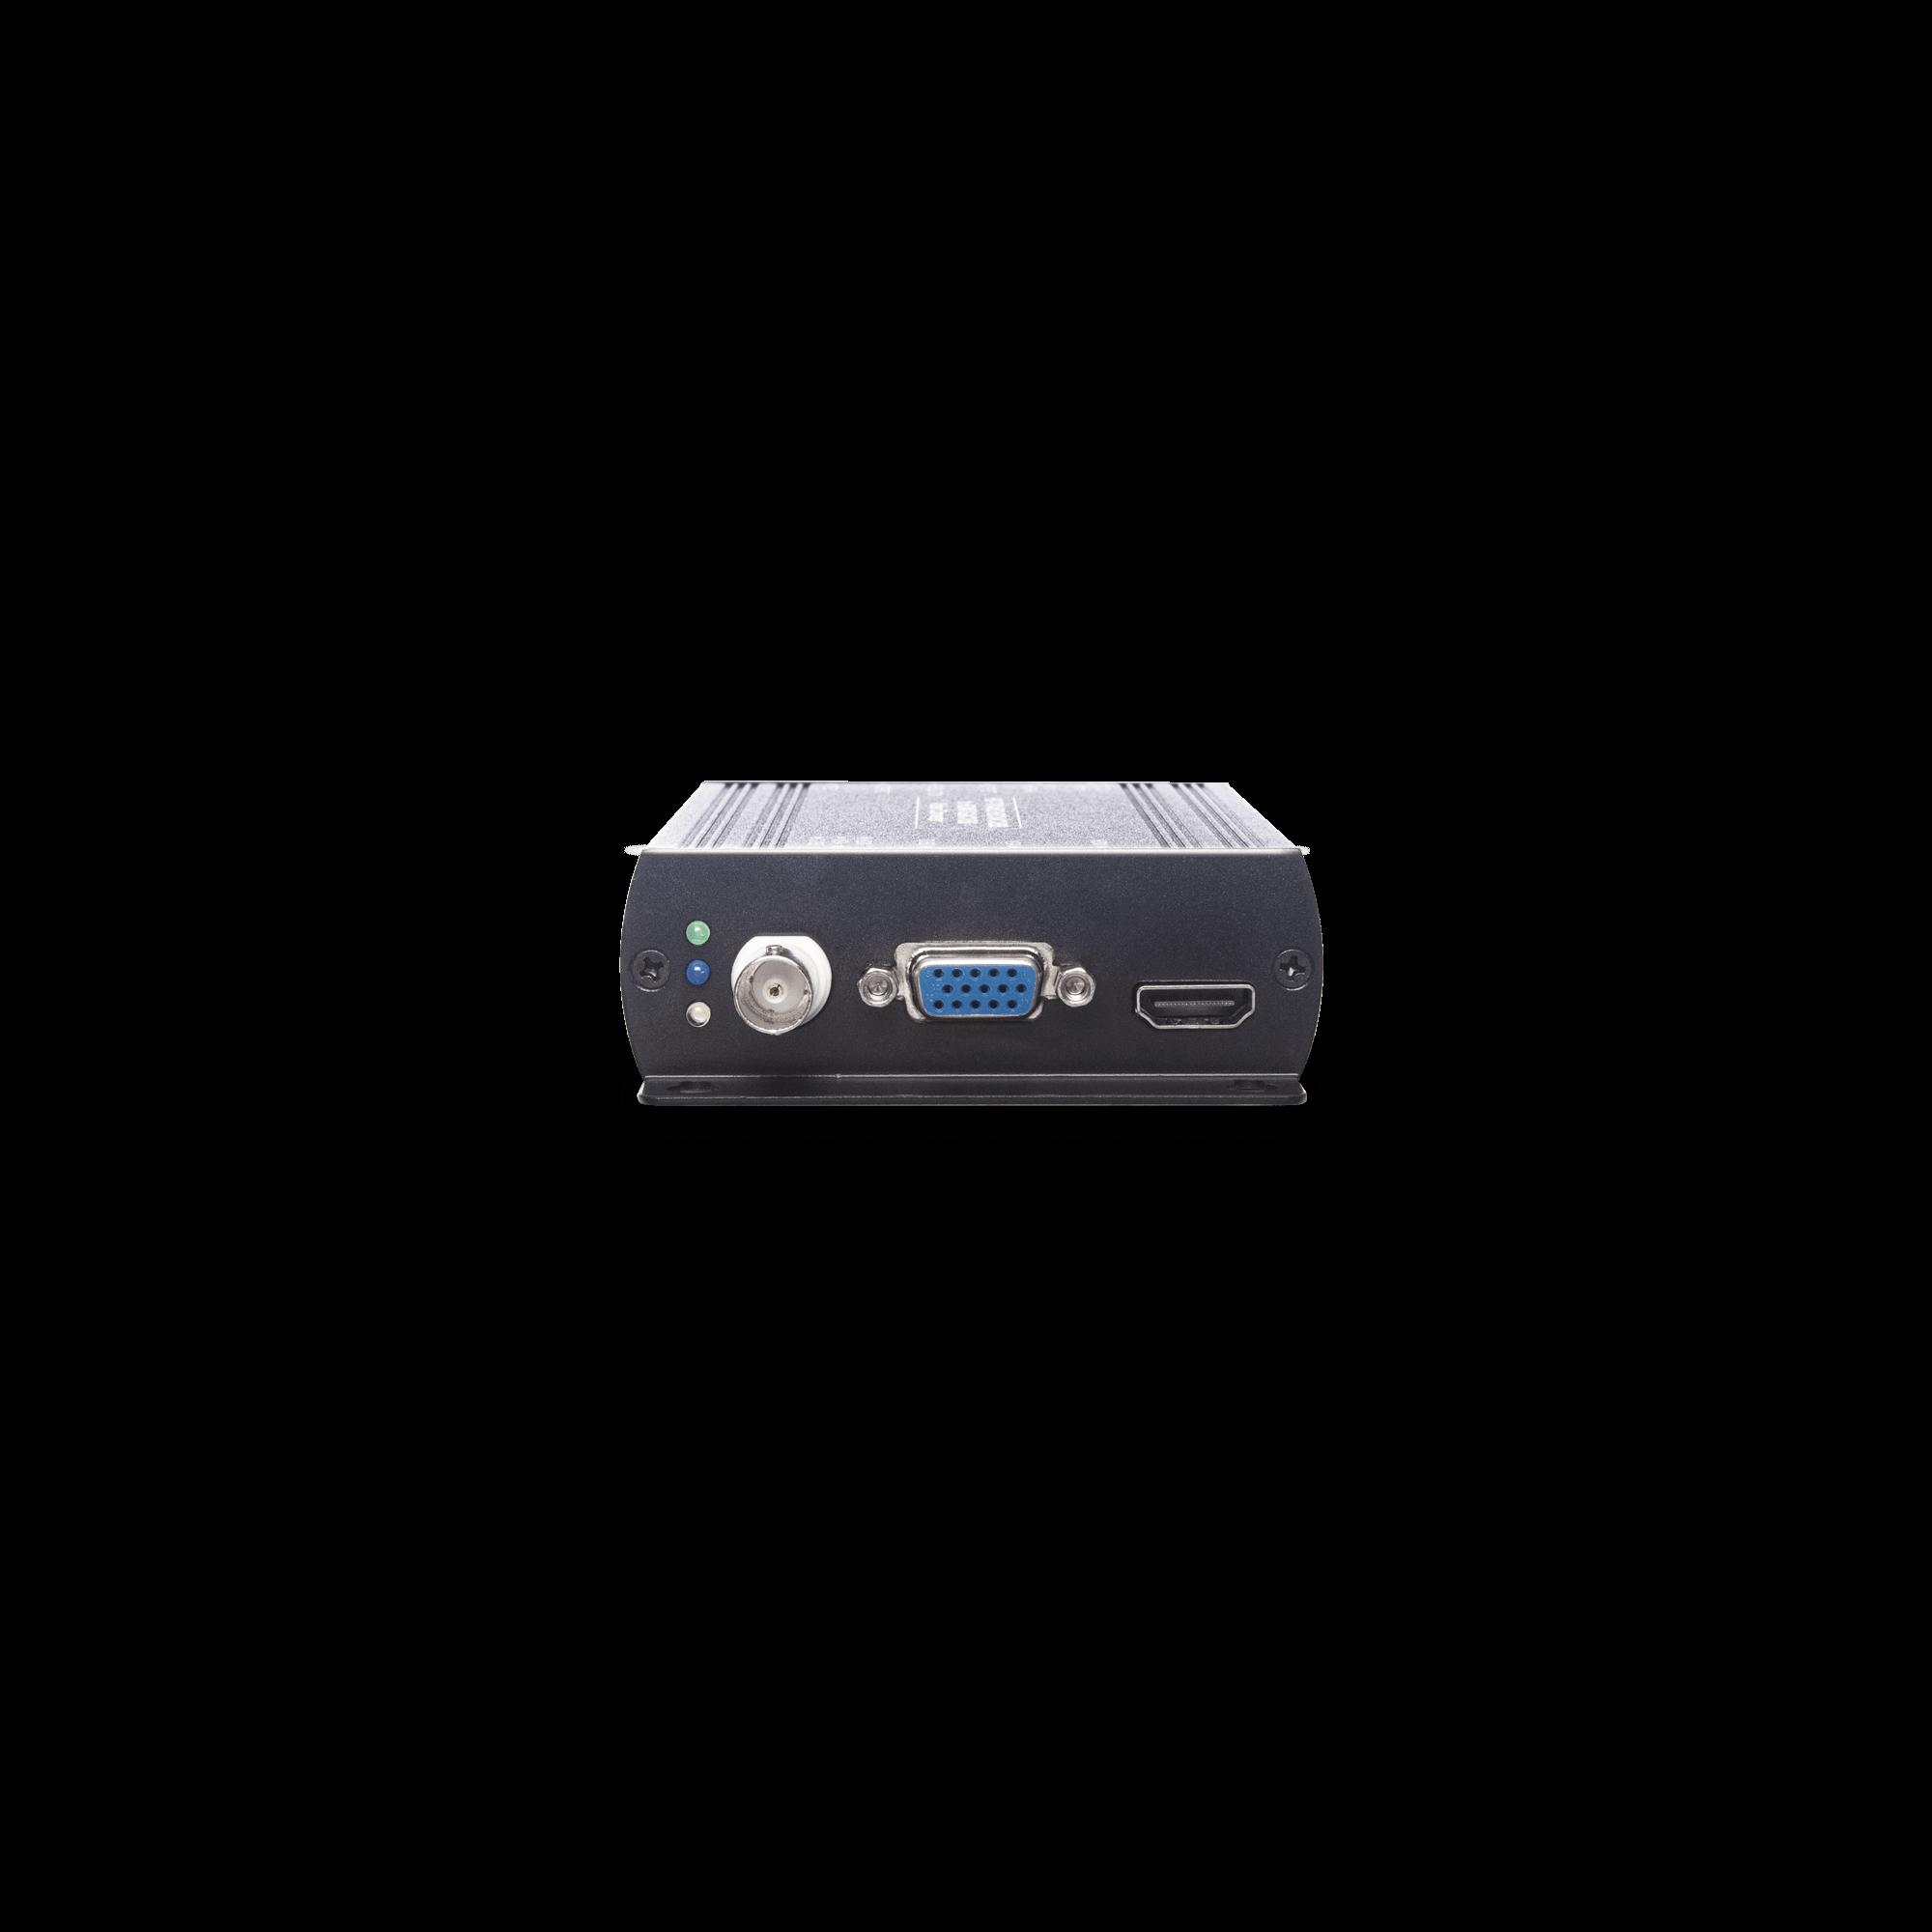 HDCVI/HDTVI/AHD/CVBS to HDMI/VGA/Compoiste Video Selection Converter